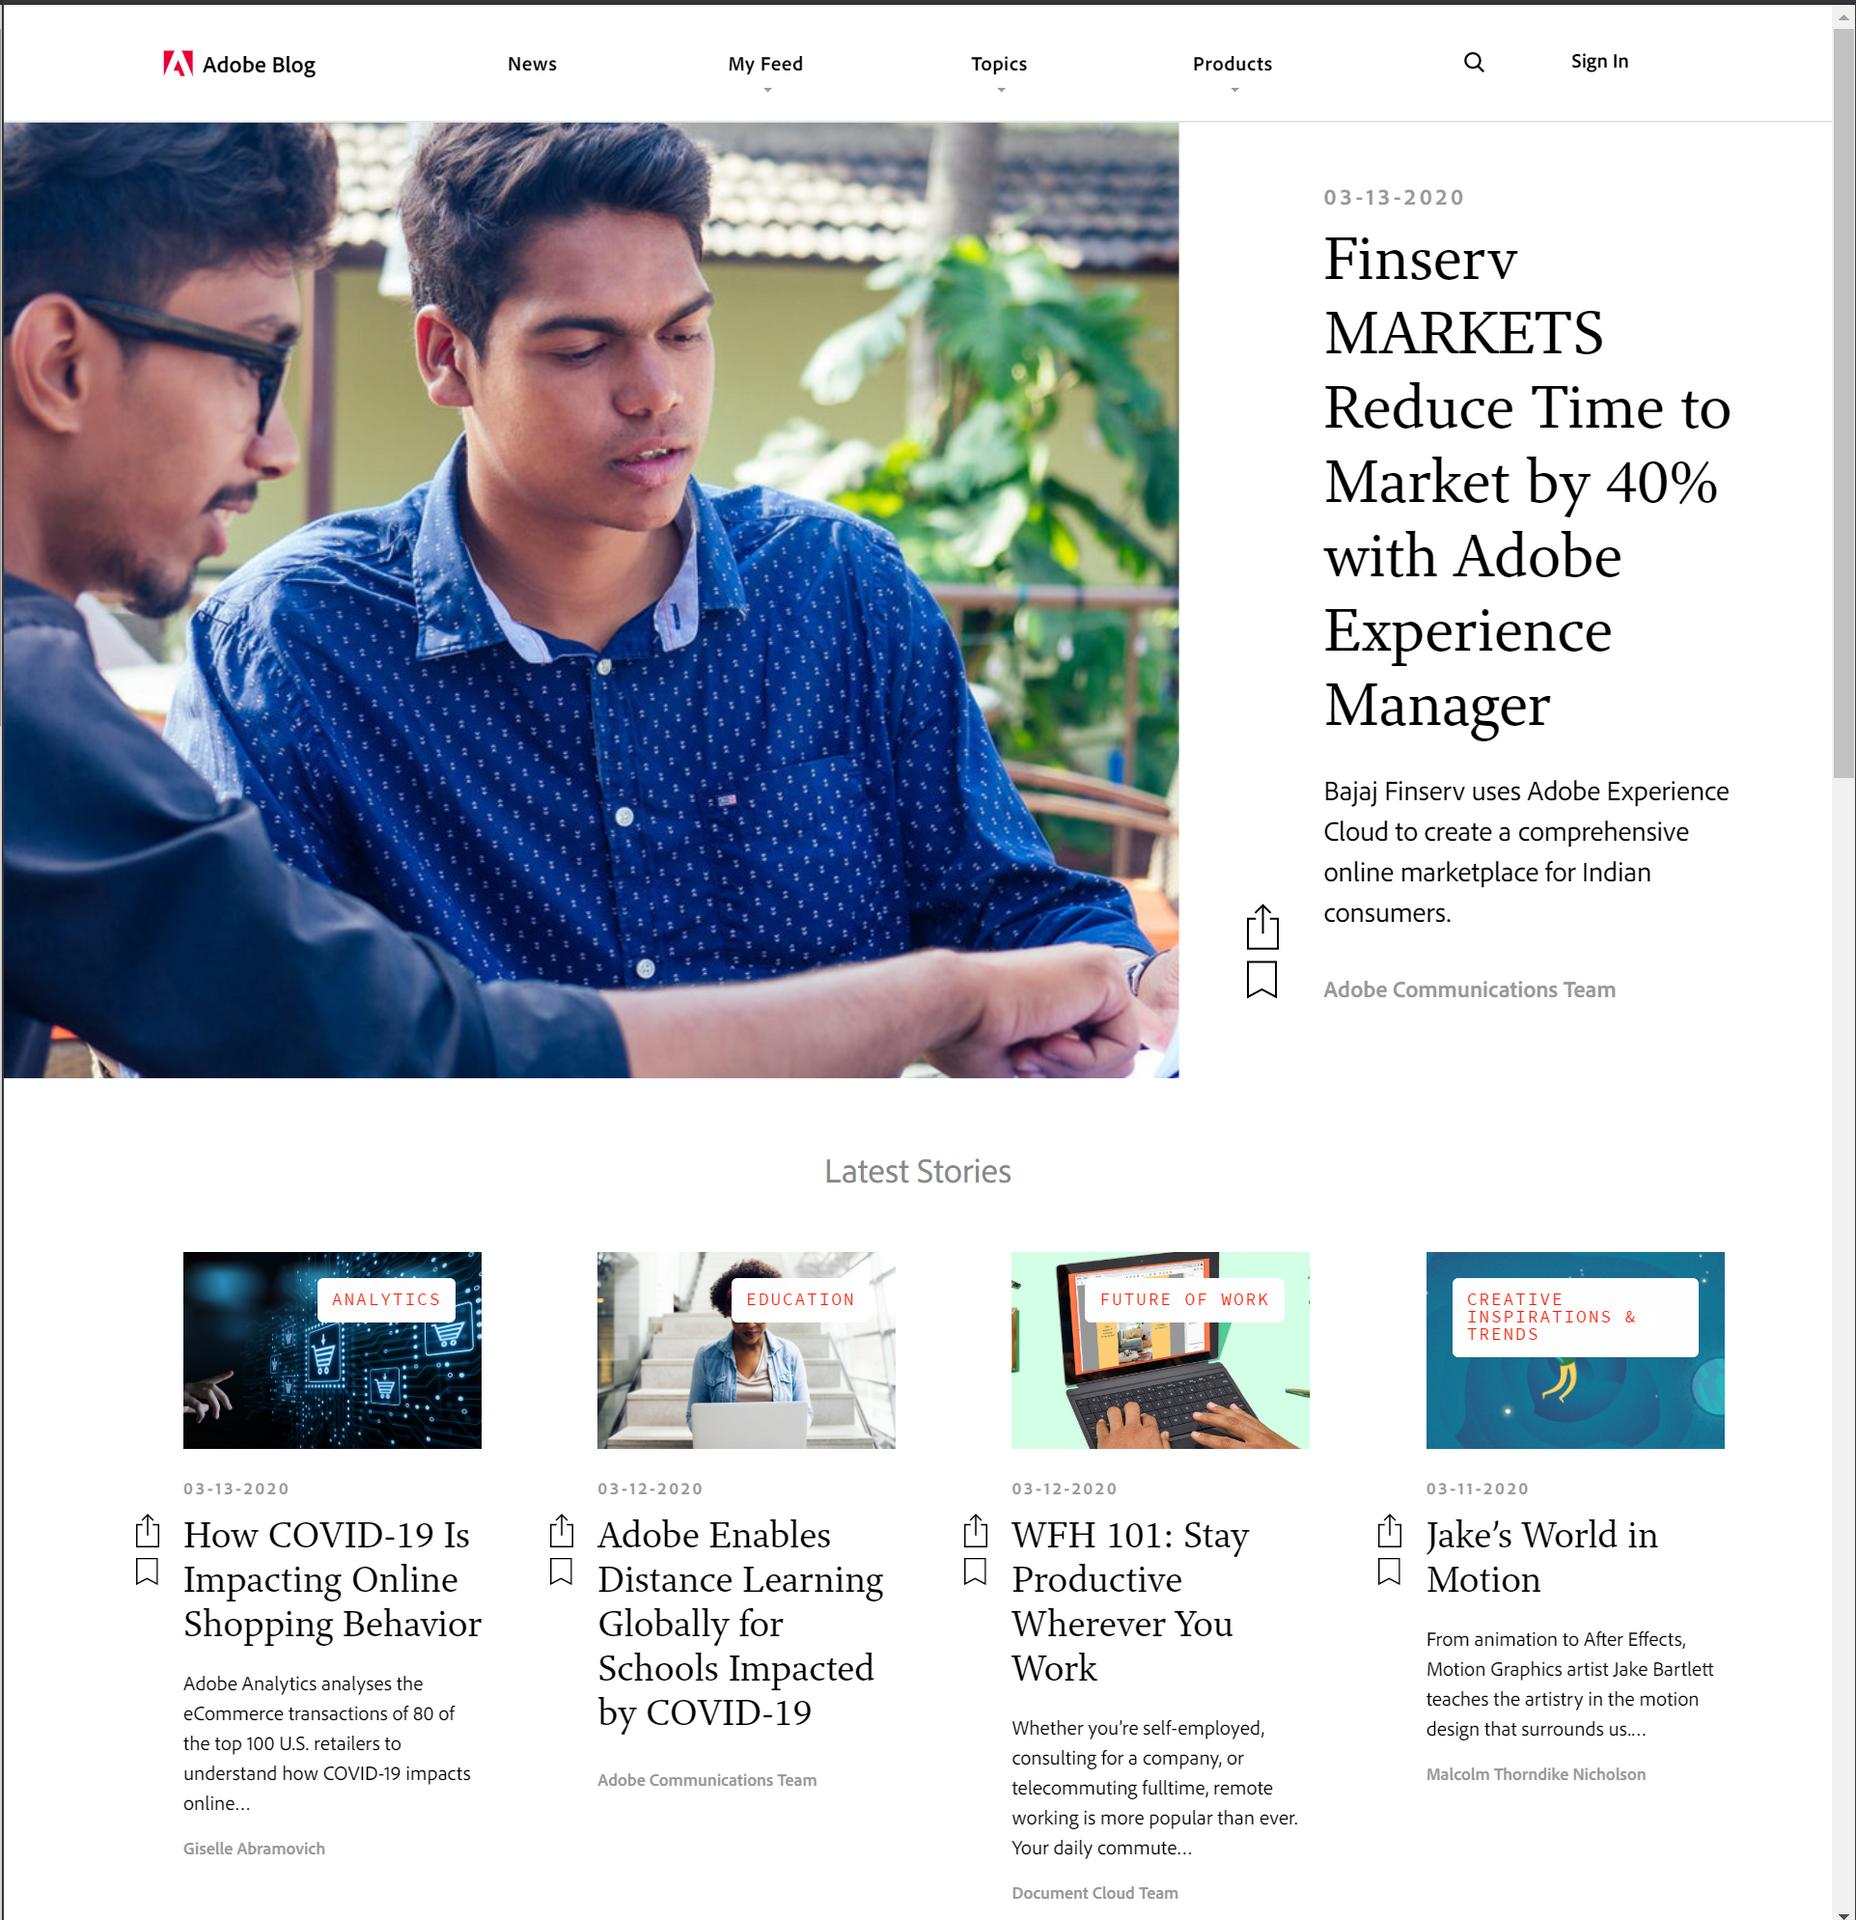 Il blog di Adobe - Adobe Blog